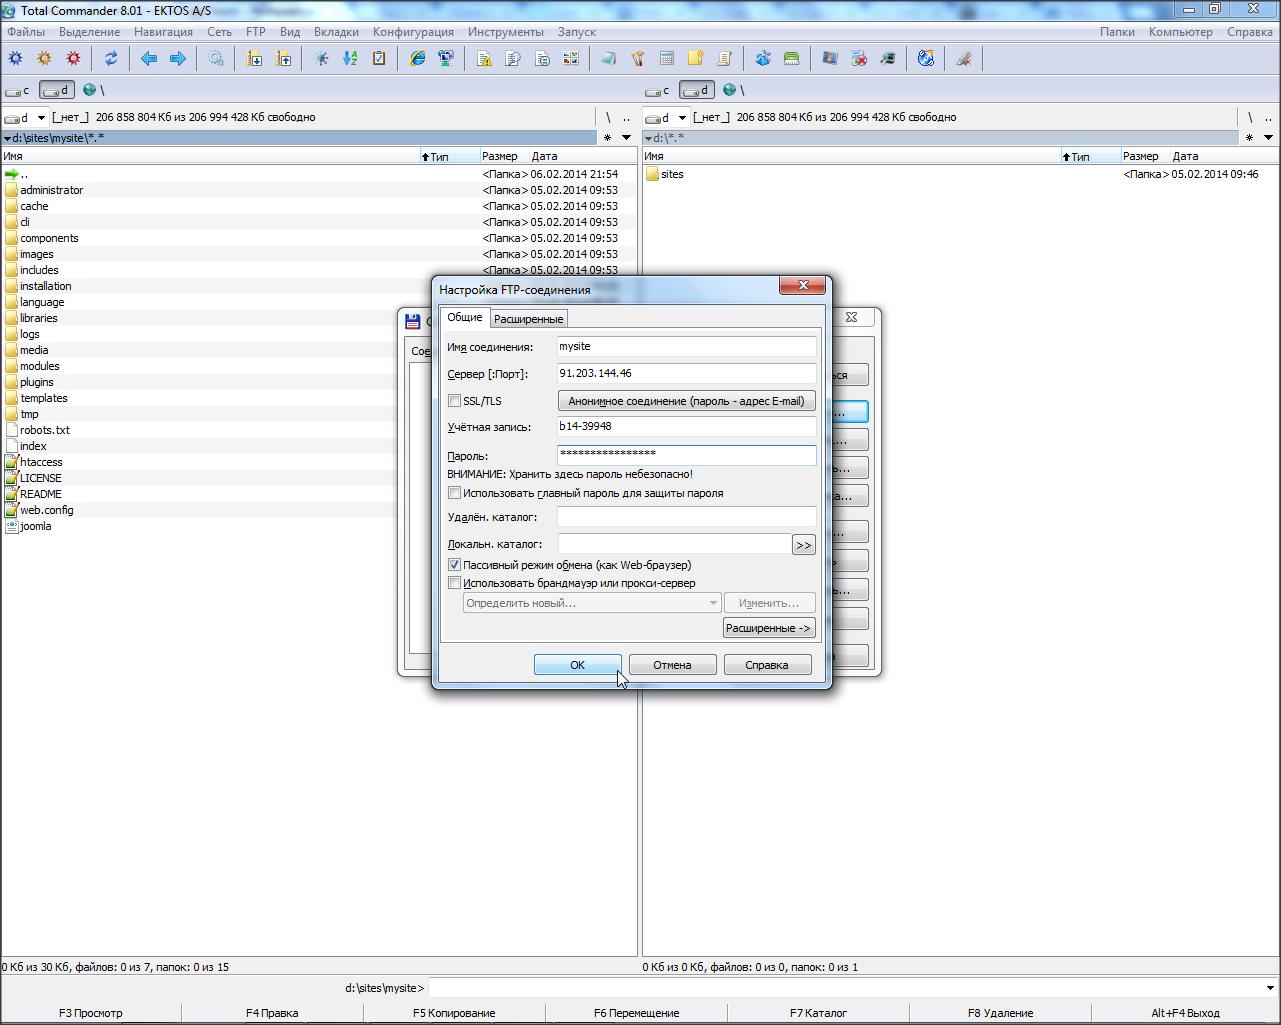 Как залить файлы на хостинг через total commander облачный хостинг java